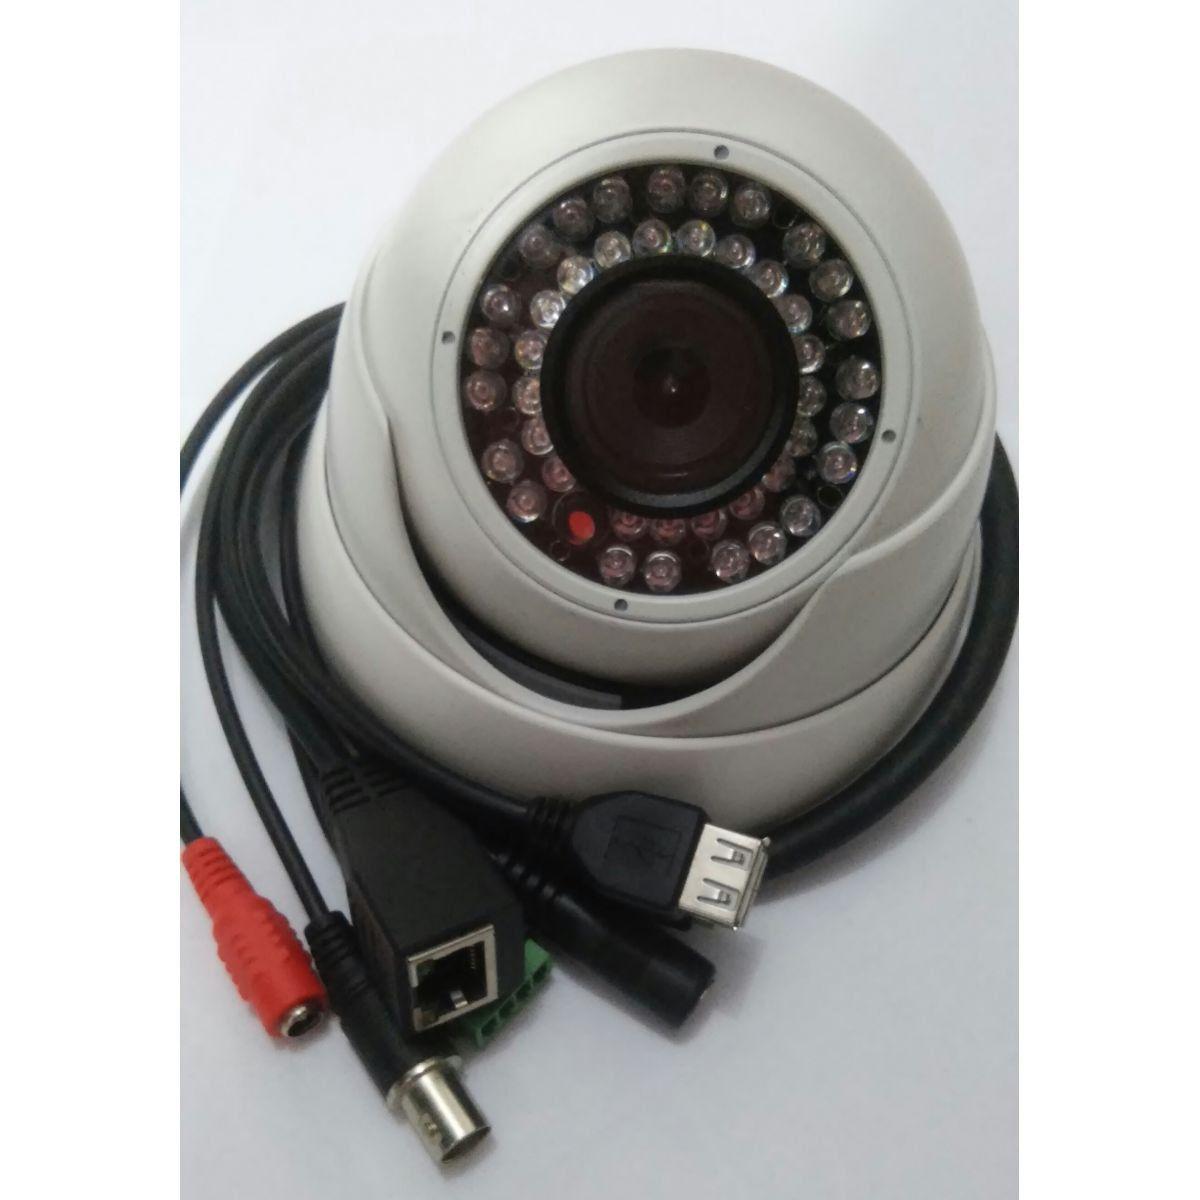 Cftv Camera Infra Ip 5mp-Le Nte Fixa 3.6 Dome Gsip5000d